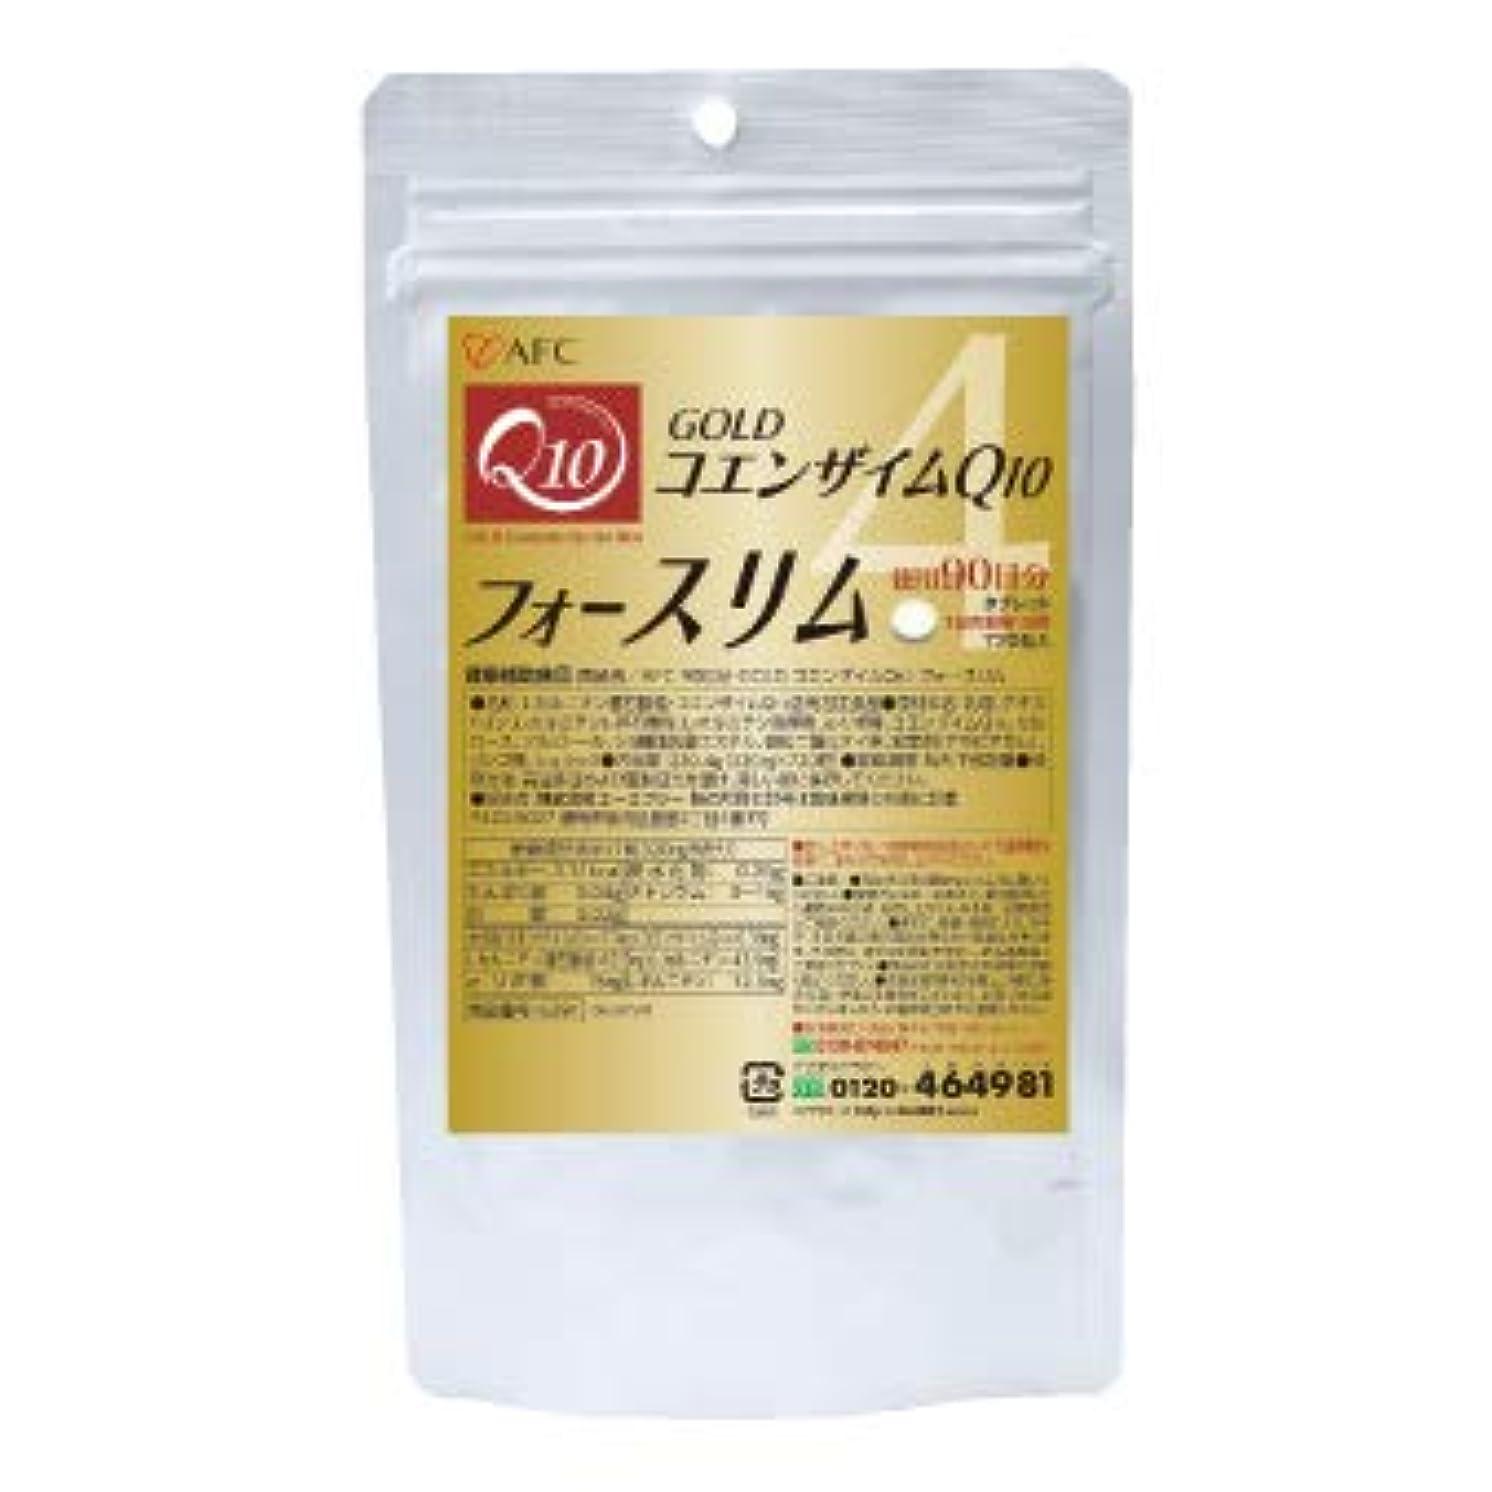 コカイン平衡パンサーエーエフシー 6391 徳用90日 GOLDコエンザイムQ10 フォースリム